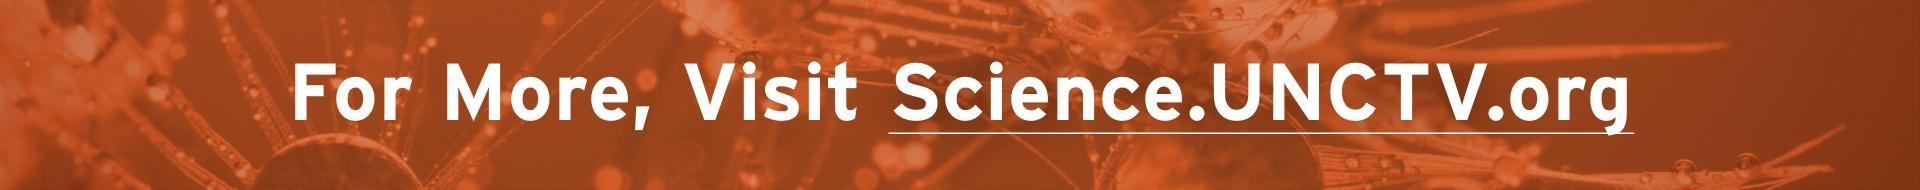 Visit Science.UNCTV.org